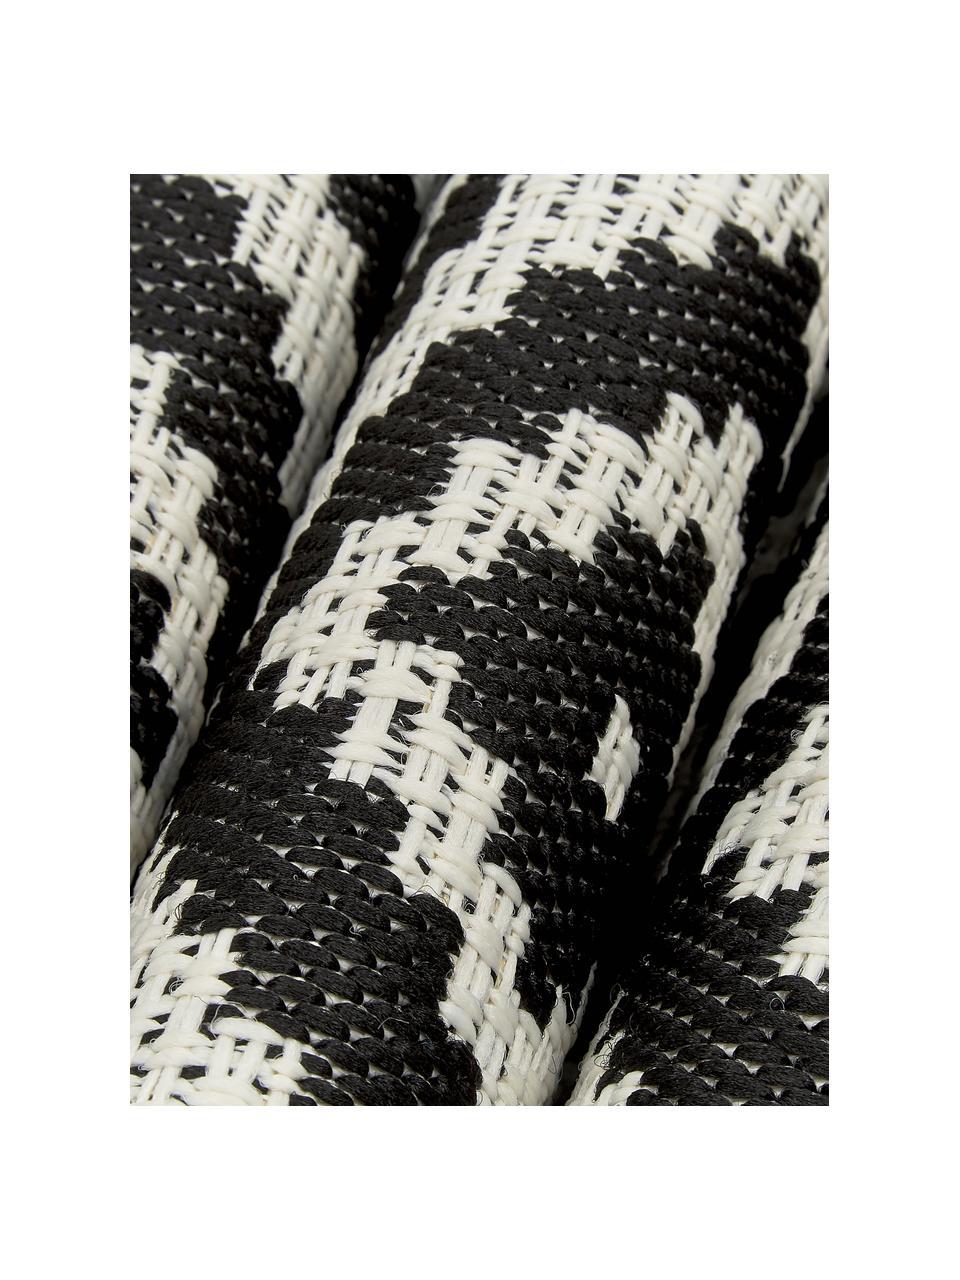 Gemusterter In- & Outdoor-Teppich Miami in Schwarz/Weiß, 86% Polypropylen, 14% Polyester, Cremeweiß, Schwarz, B 200 x L 290 cm (Größe L)